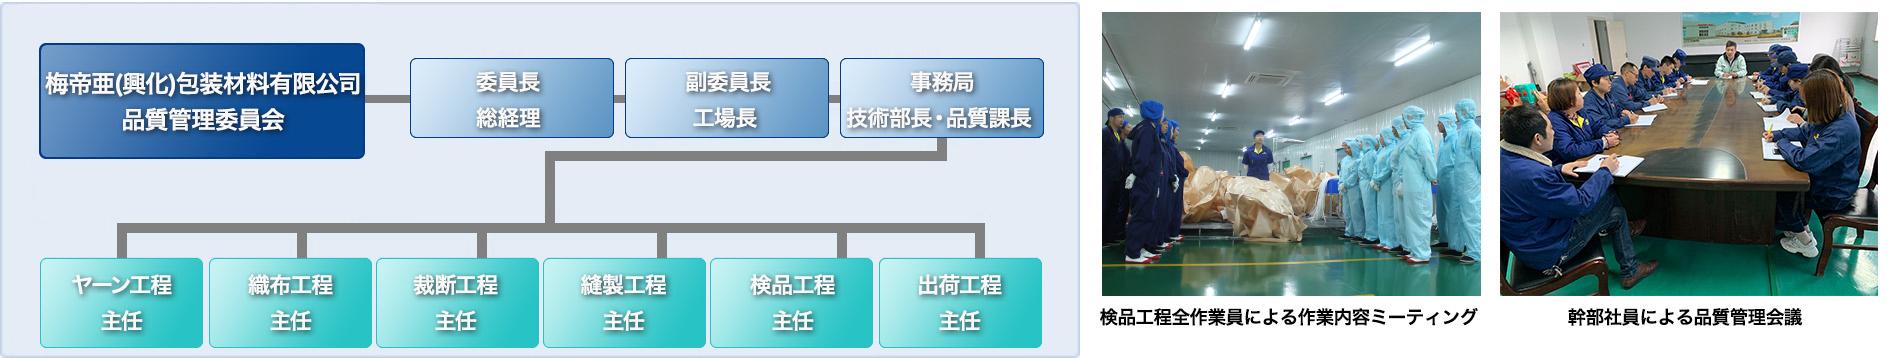 フレコンバッグ品質管理体制図